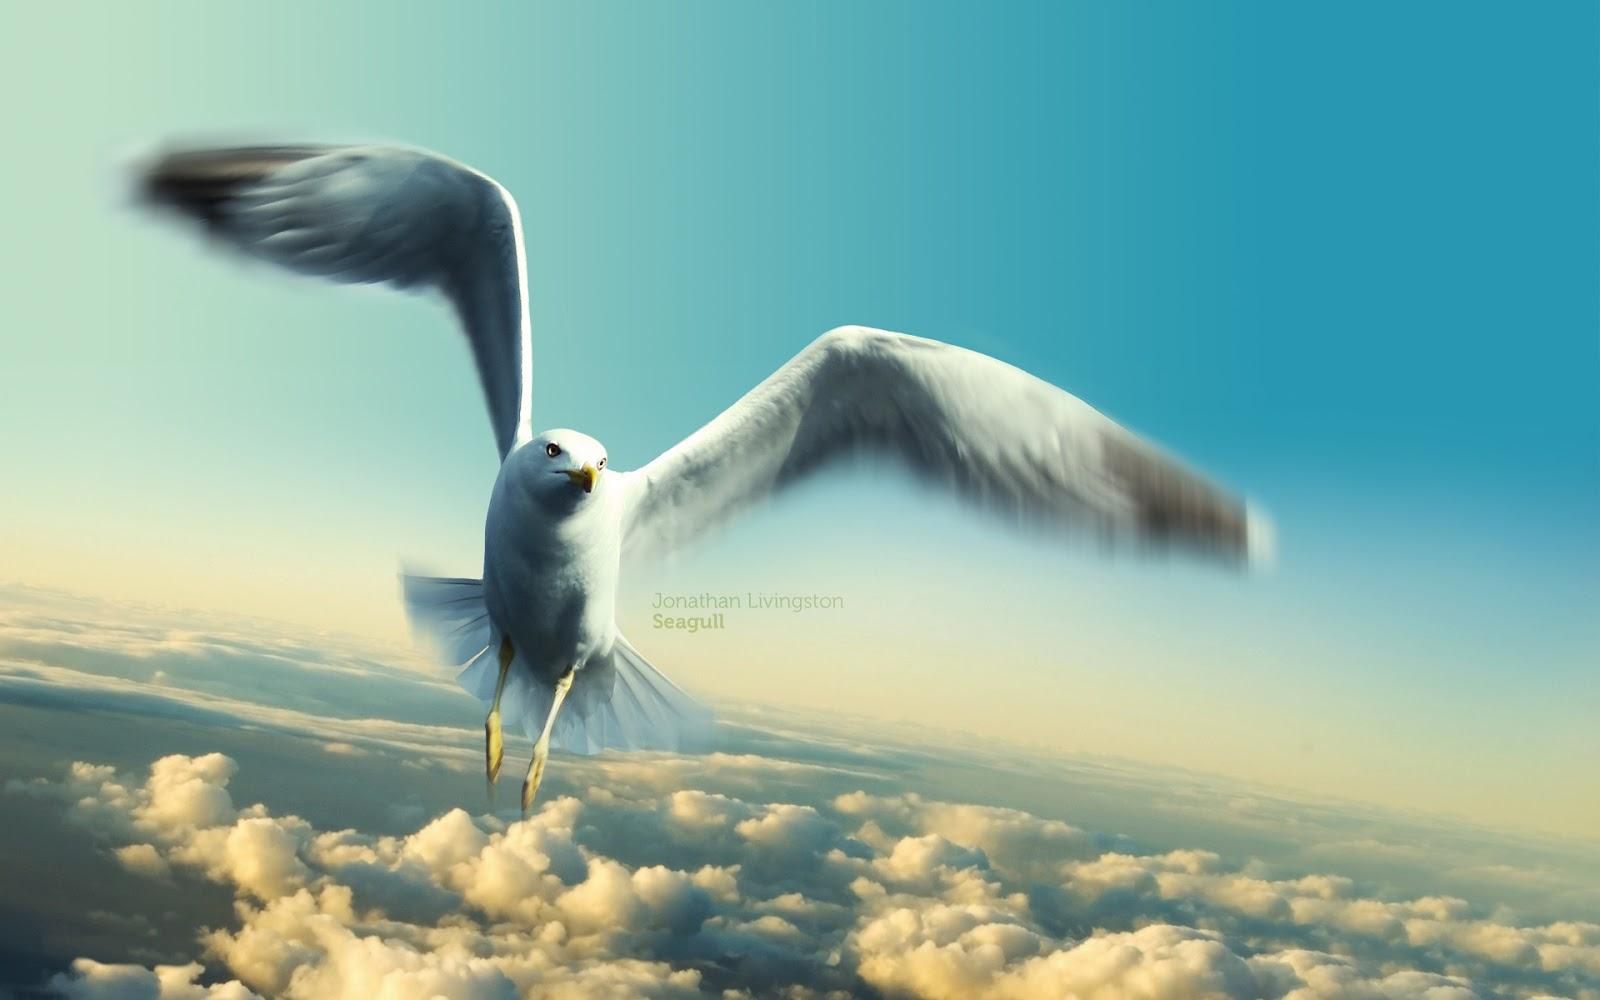 http://4.bp.blogspot.com/--7nlMiQRPTw/UI0e-nyuSPI/AAAAAAAAAEY/WnlP3T8uSbs/s1600/jonathan_livingston_seagull-wallpaper.jpg